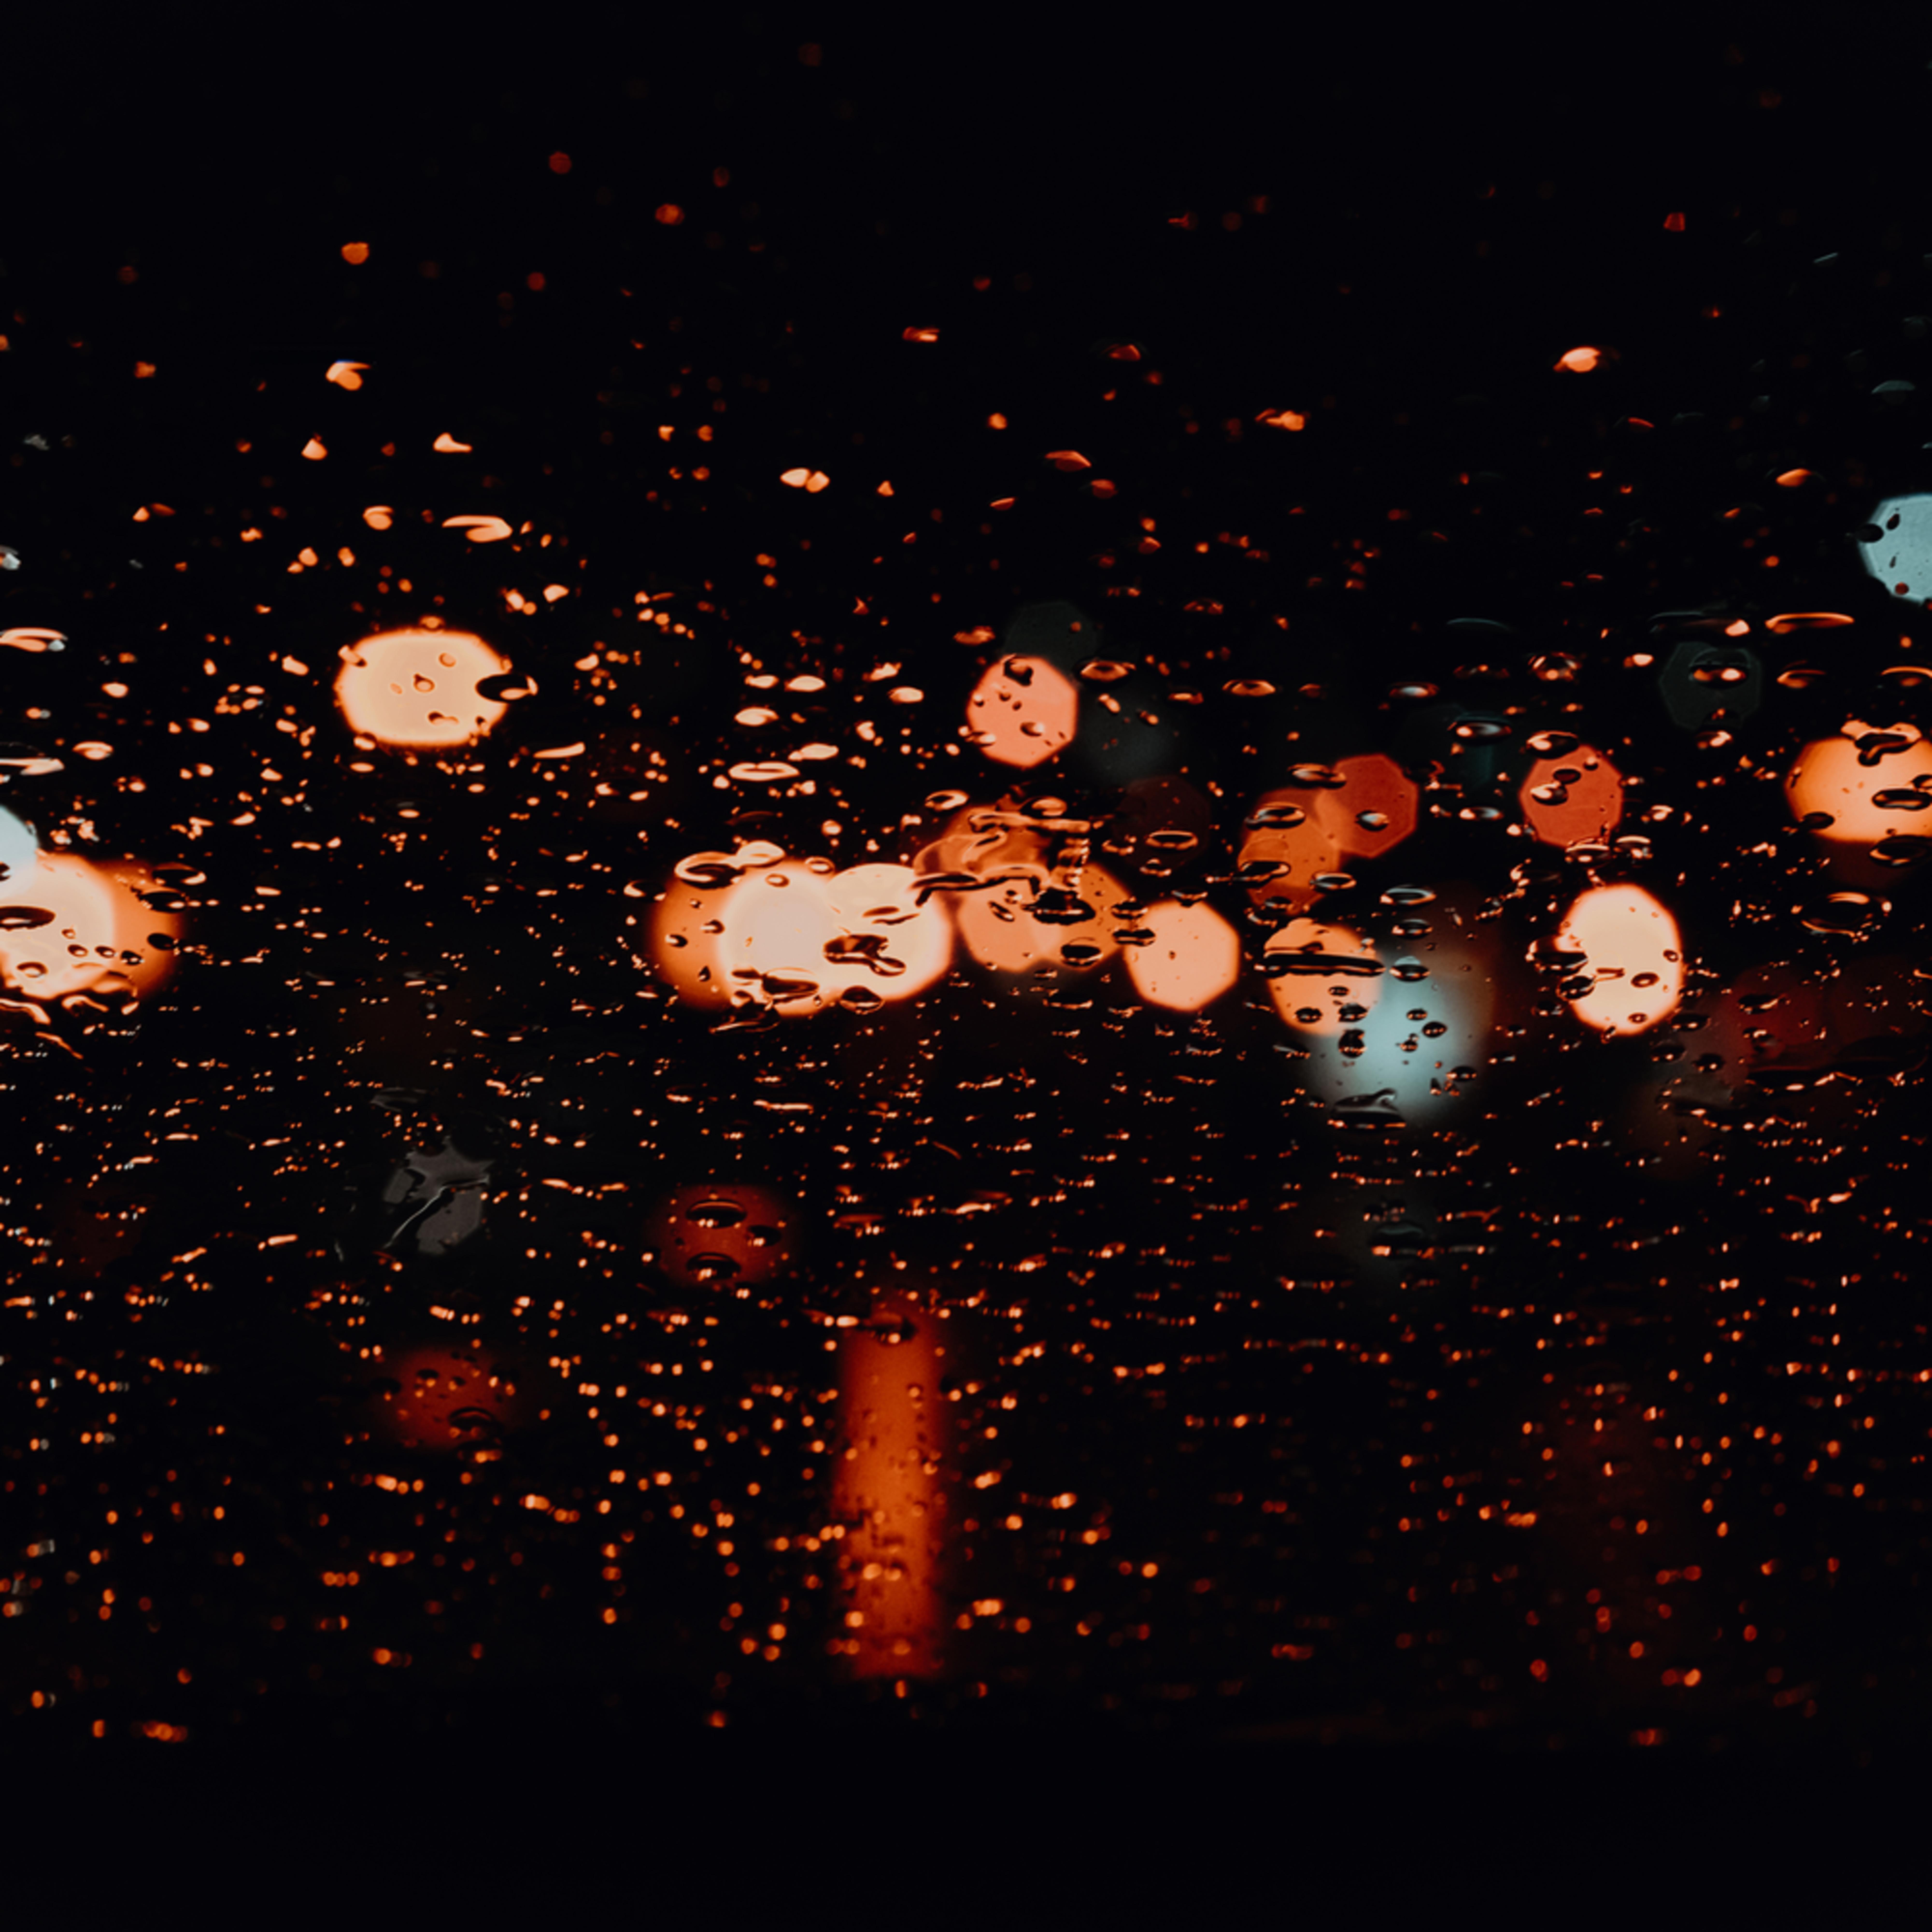 Dscf5645 peach rain oiixsh